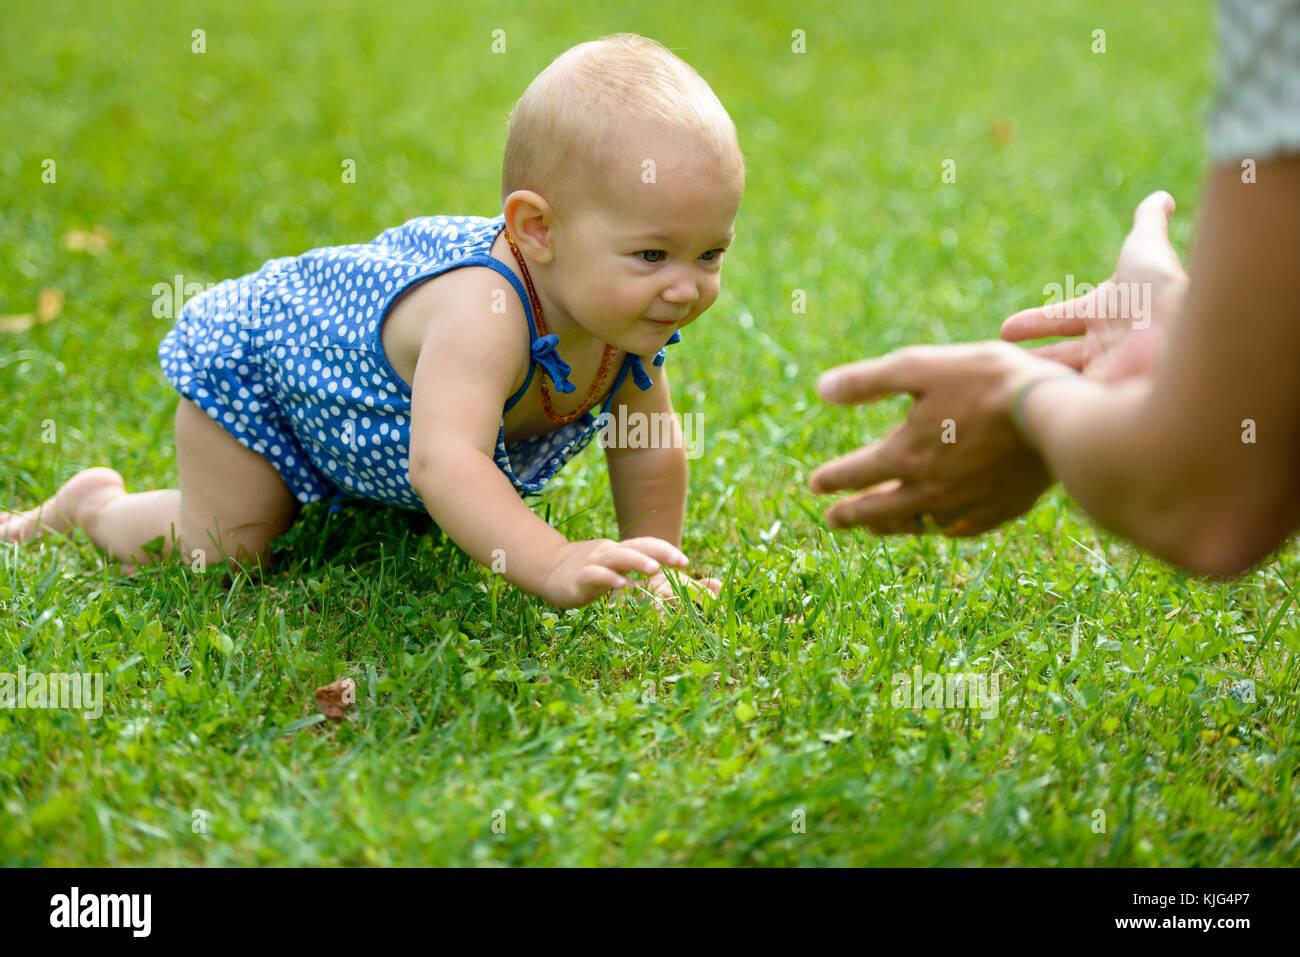 kleines Mädchen krabbelt durch eine Wiese im Grünen, Bayern, Deutschland - Stock Image